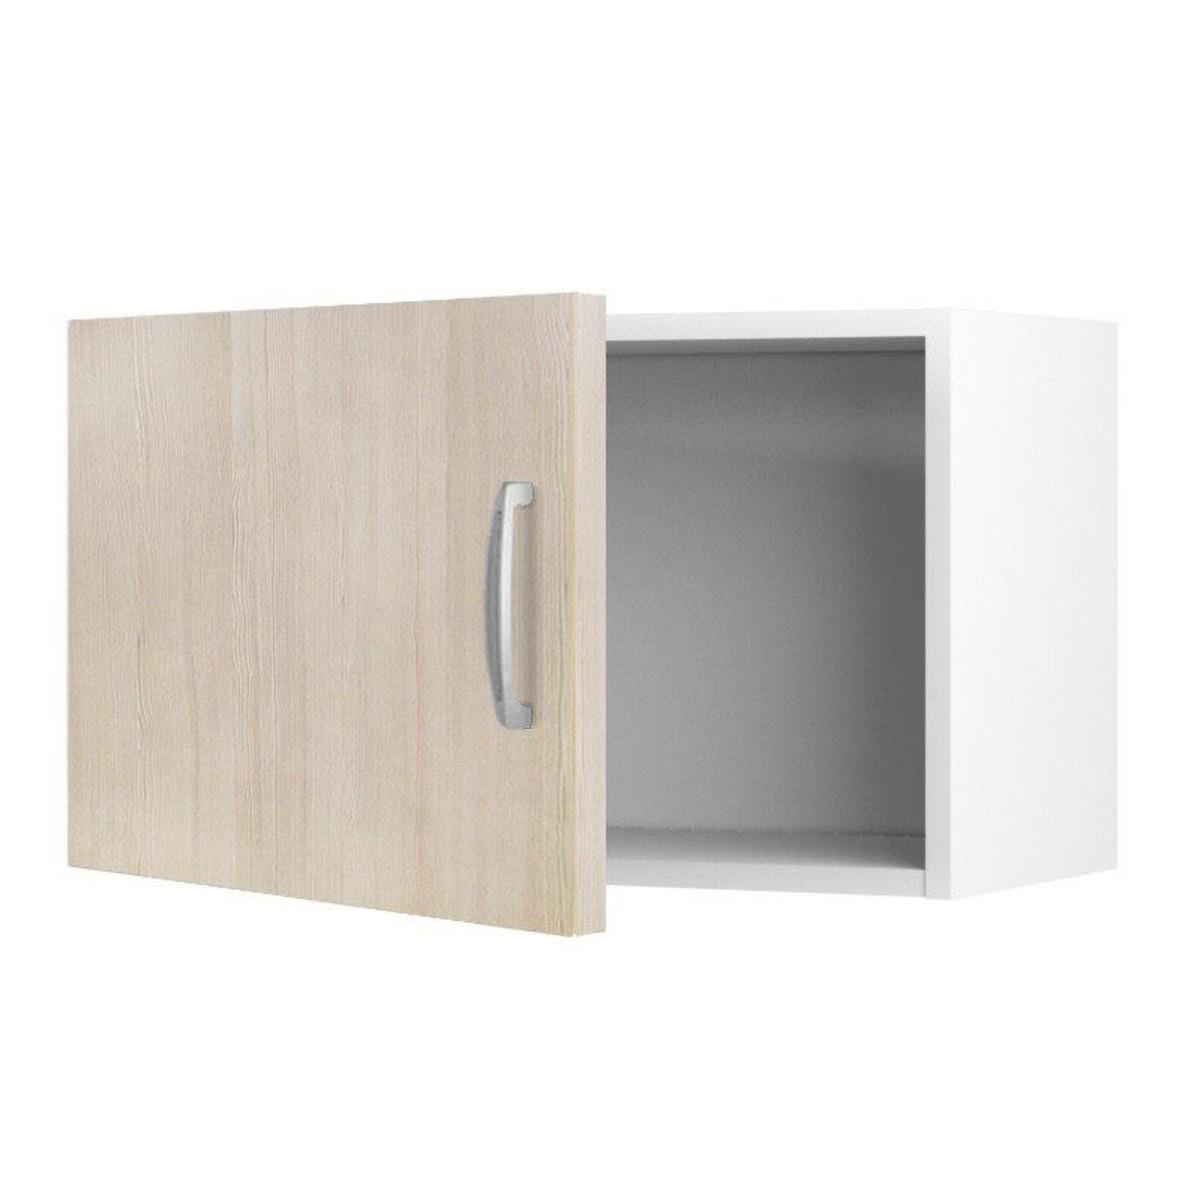 Шкаф навесной над вытяжкой Сосна Карелия 60 см